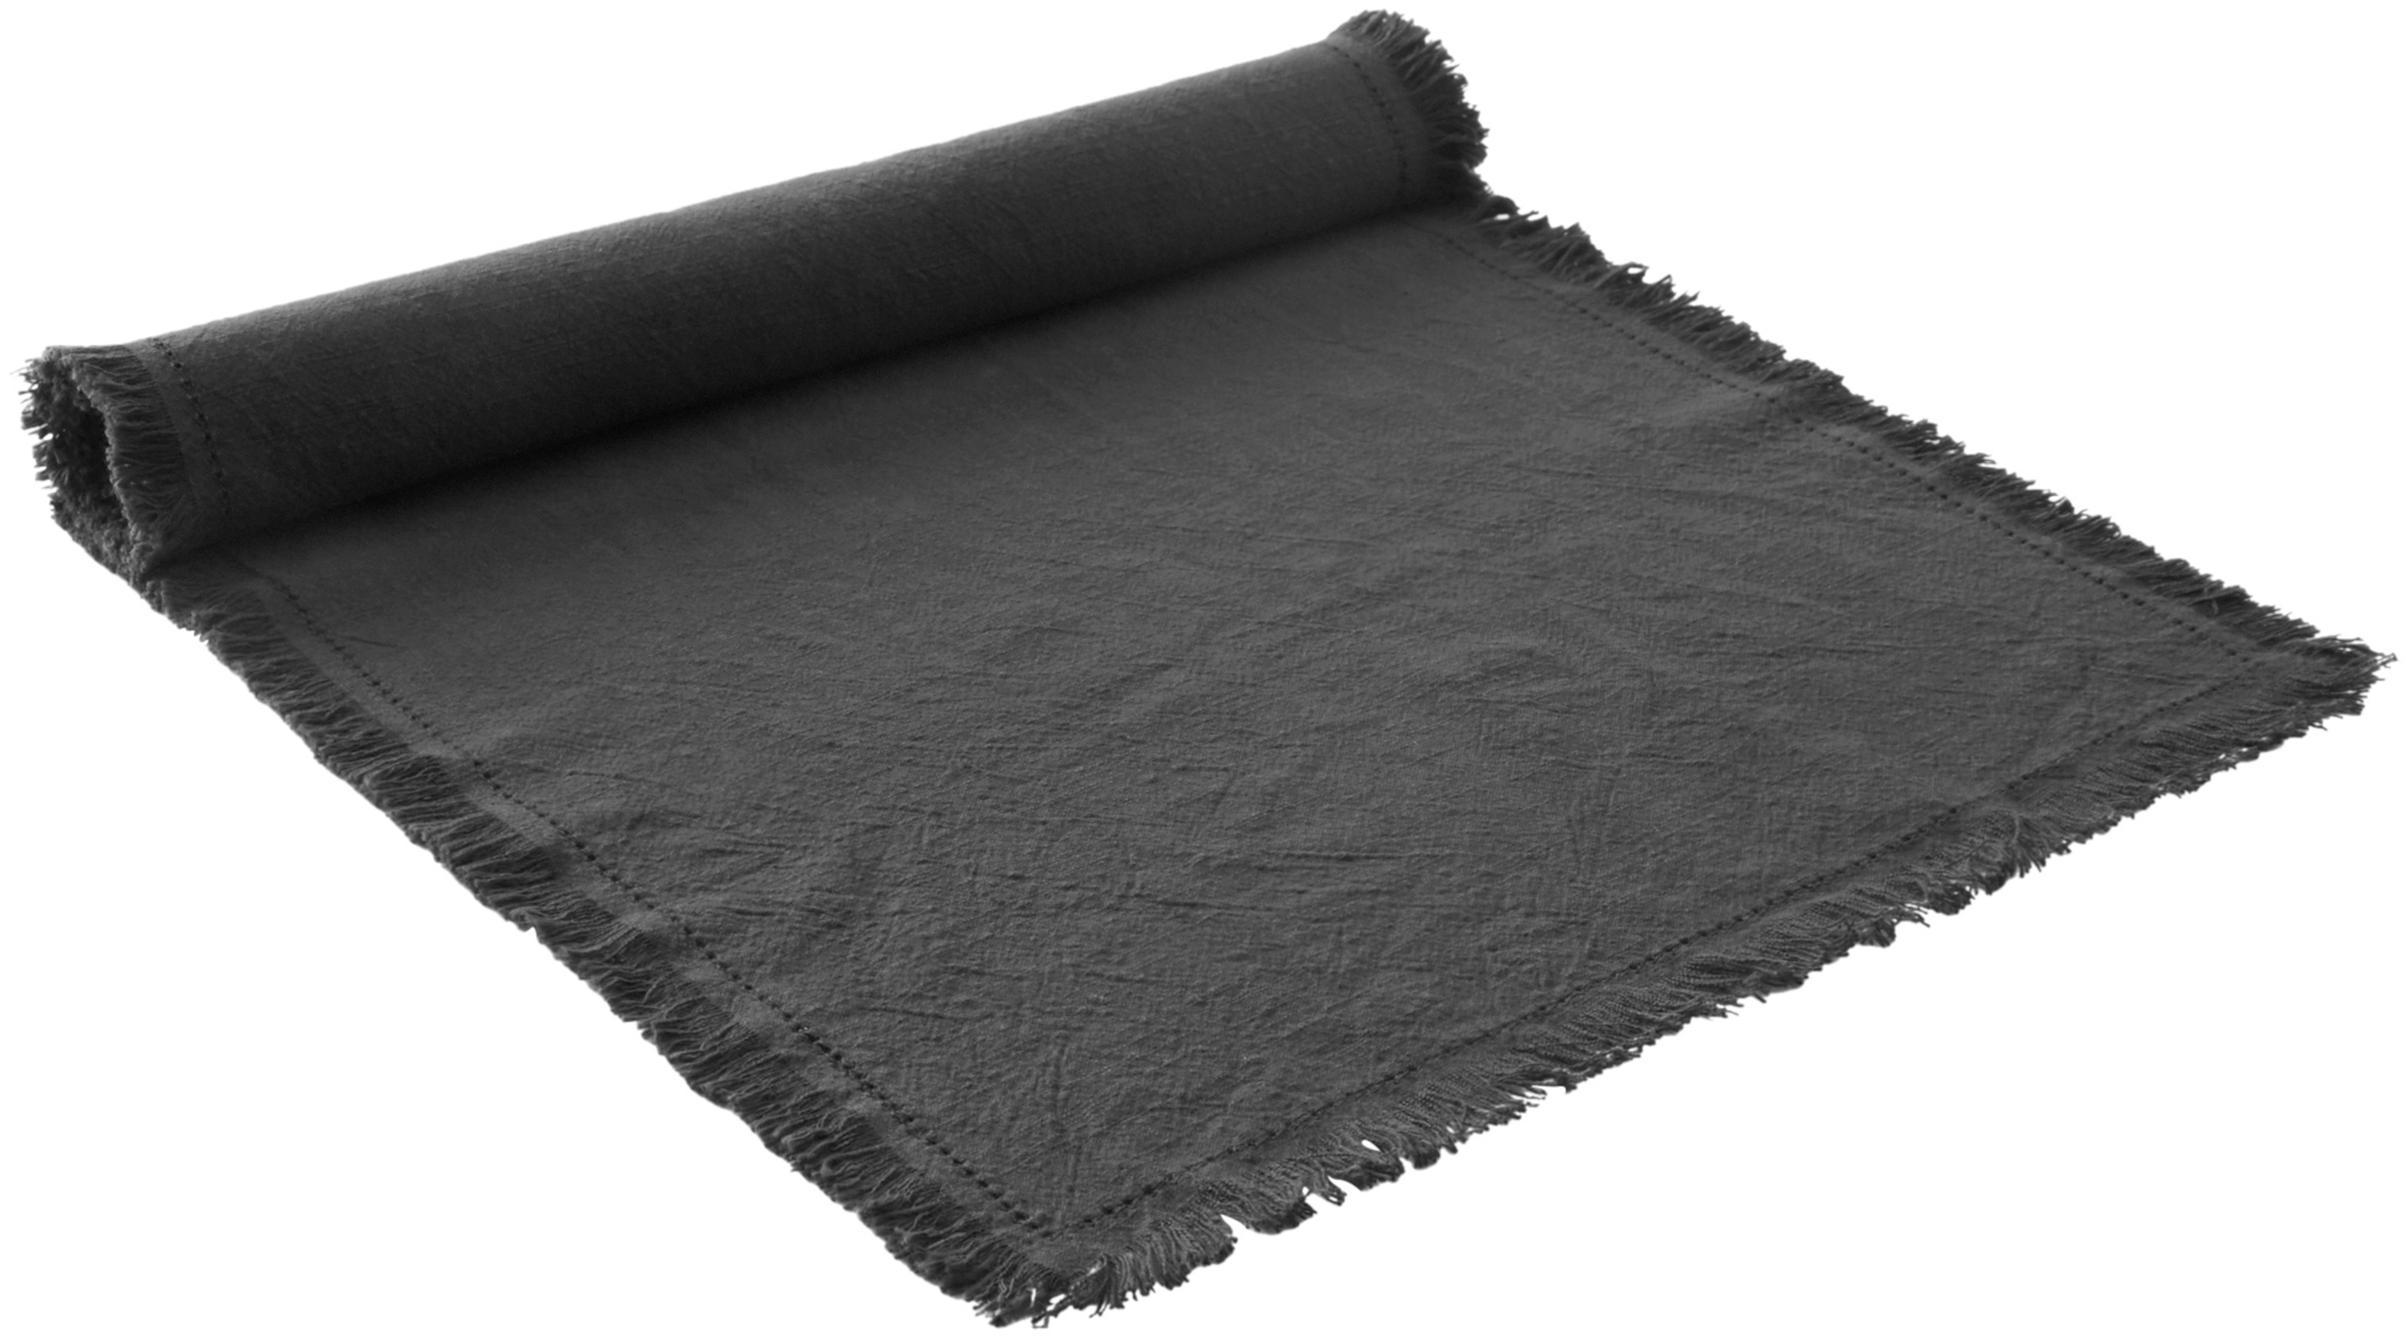 Tischläufer Hilma, 100% Baumwolle, Anthrazit, 40 x 140 cm